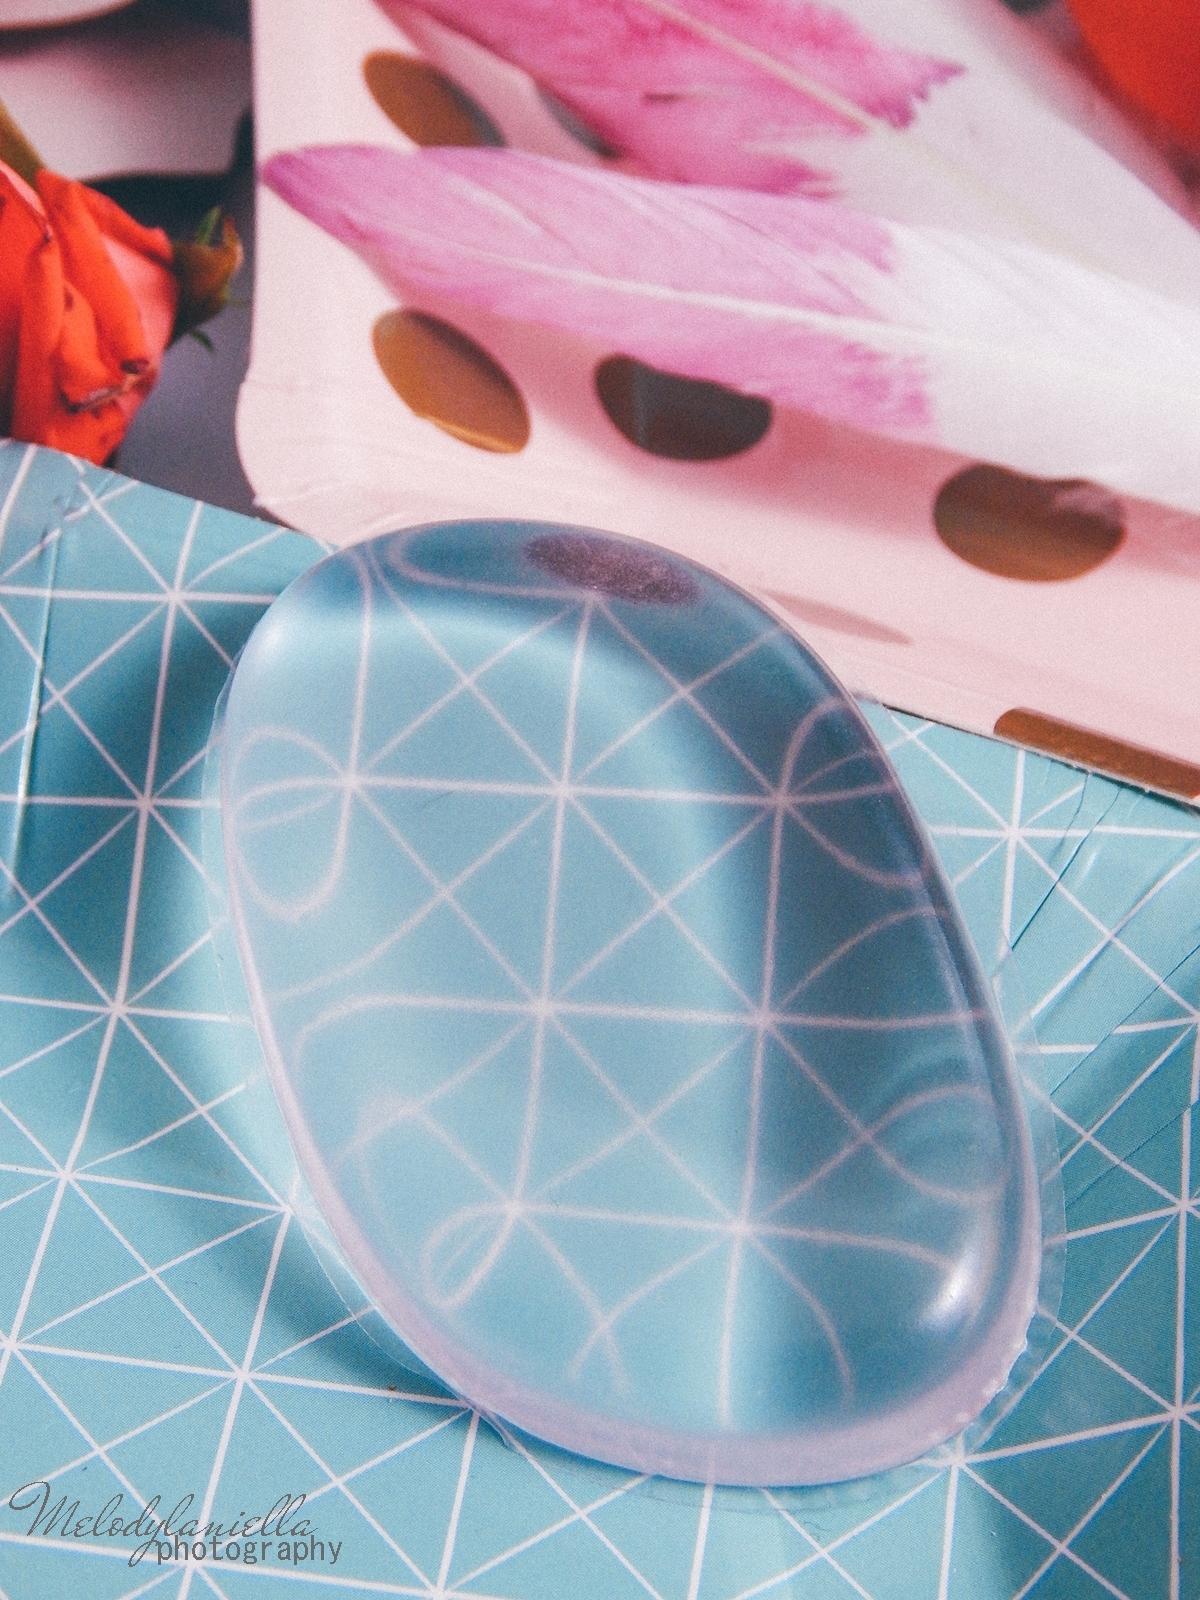 5 clavier gąbka do makijażu blending sponge szczoteczka do aplikacji cieni bazy korektora rozświetlacza bronzera silikonowa gąbeczka do makijażu czym się malować akcesoria kosmetyczne pędzle do makijażu gąbki